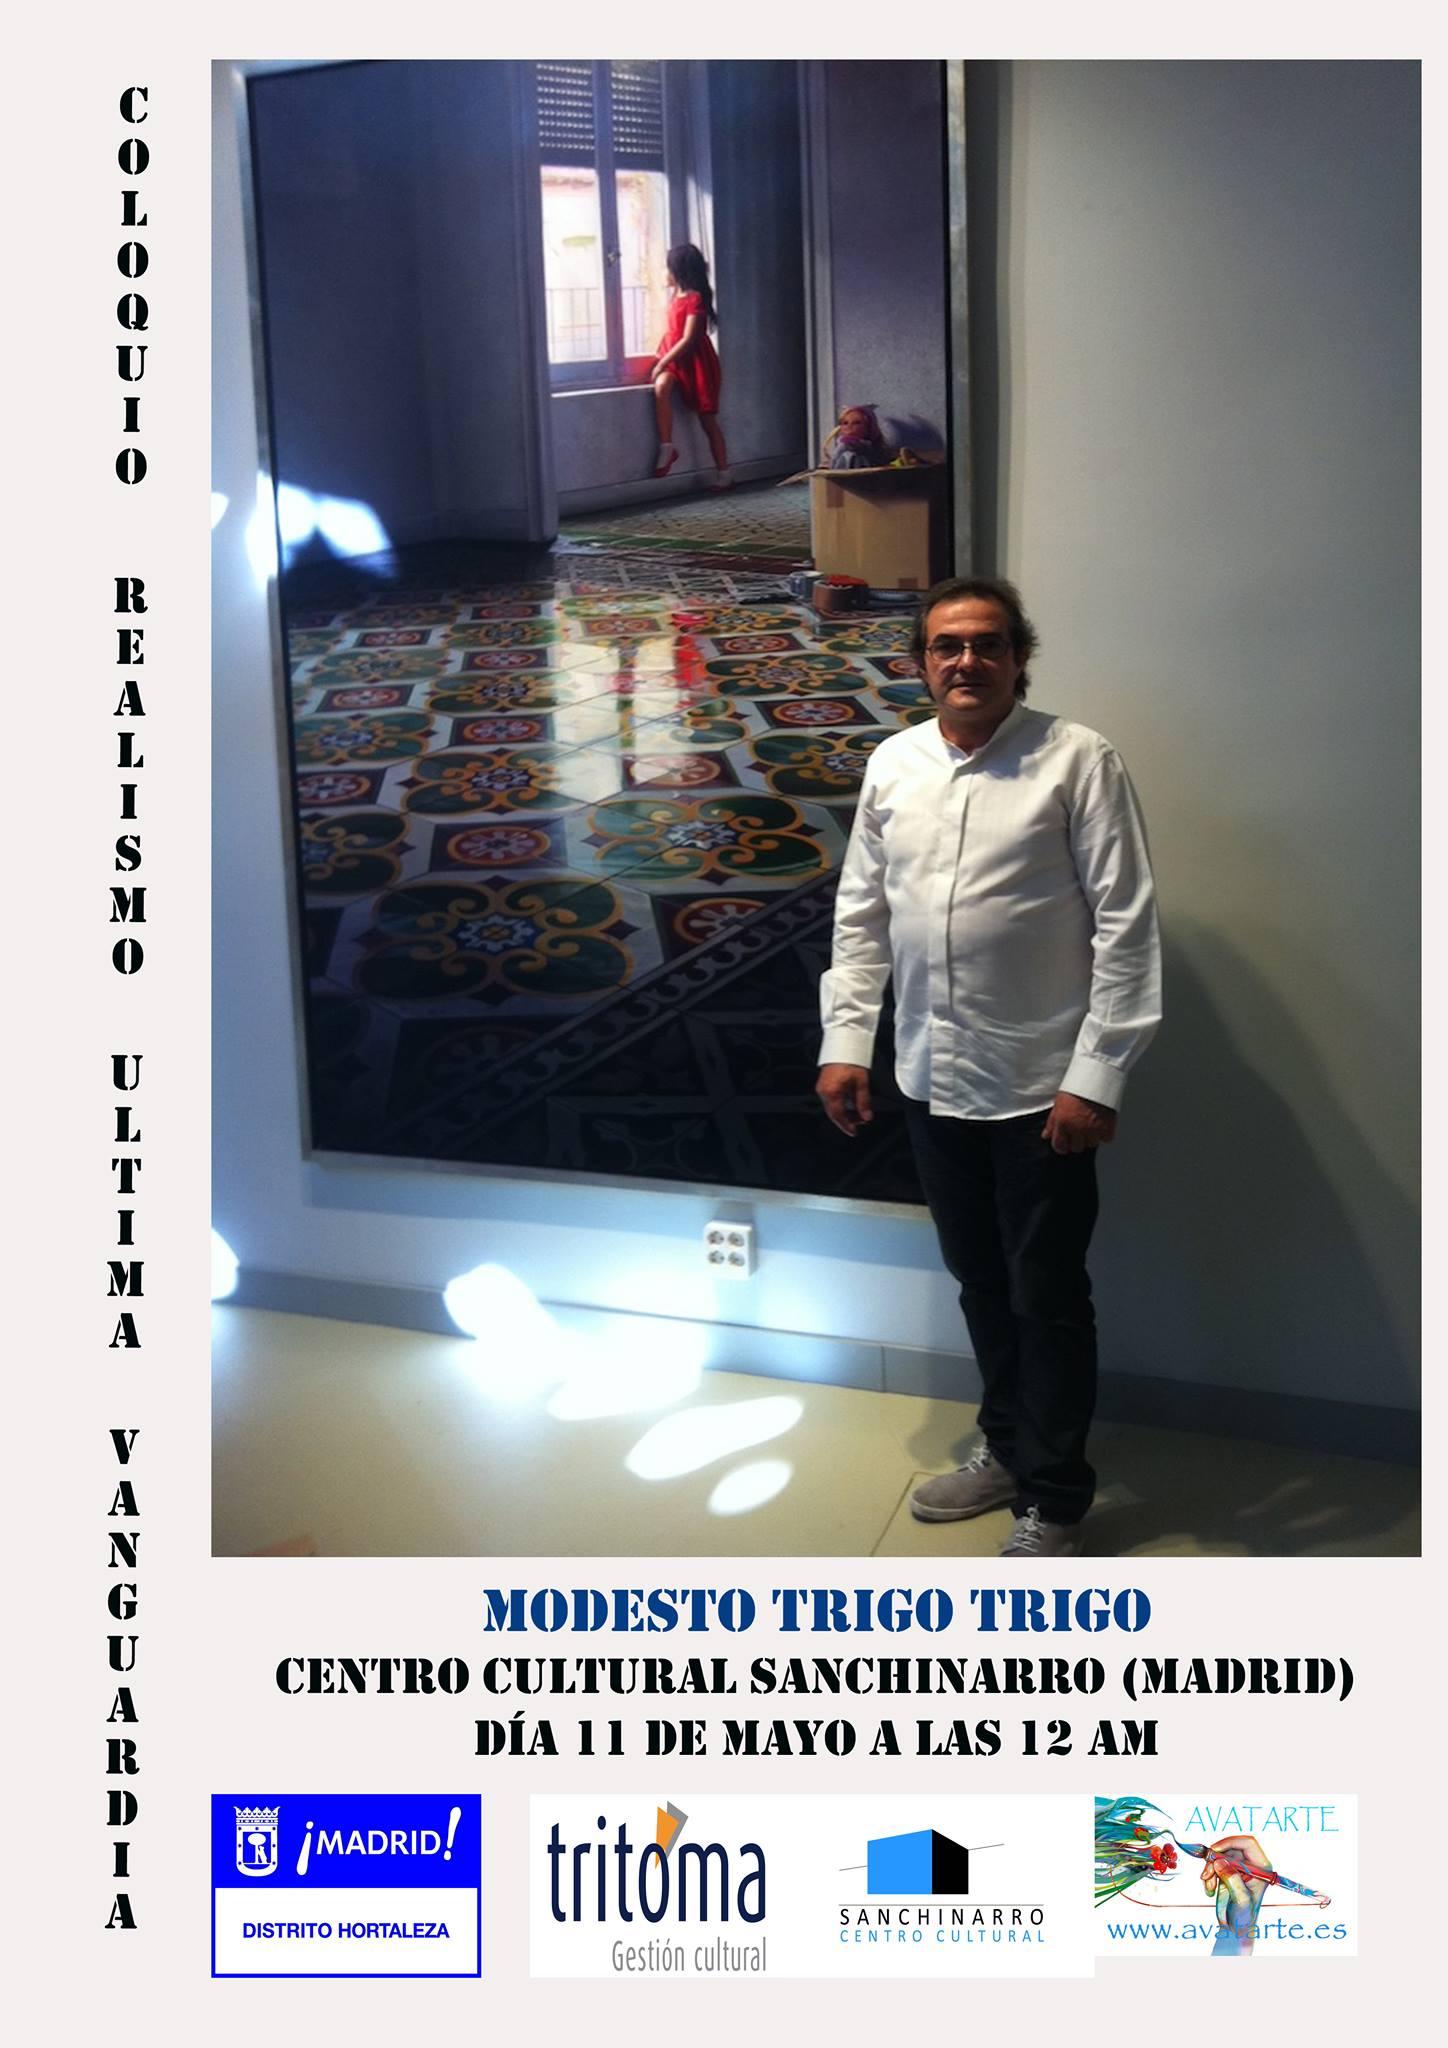 COLOQUIO A CARGO DE MODESTO TRIGO TRIGO